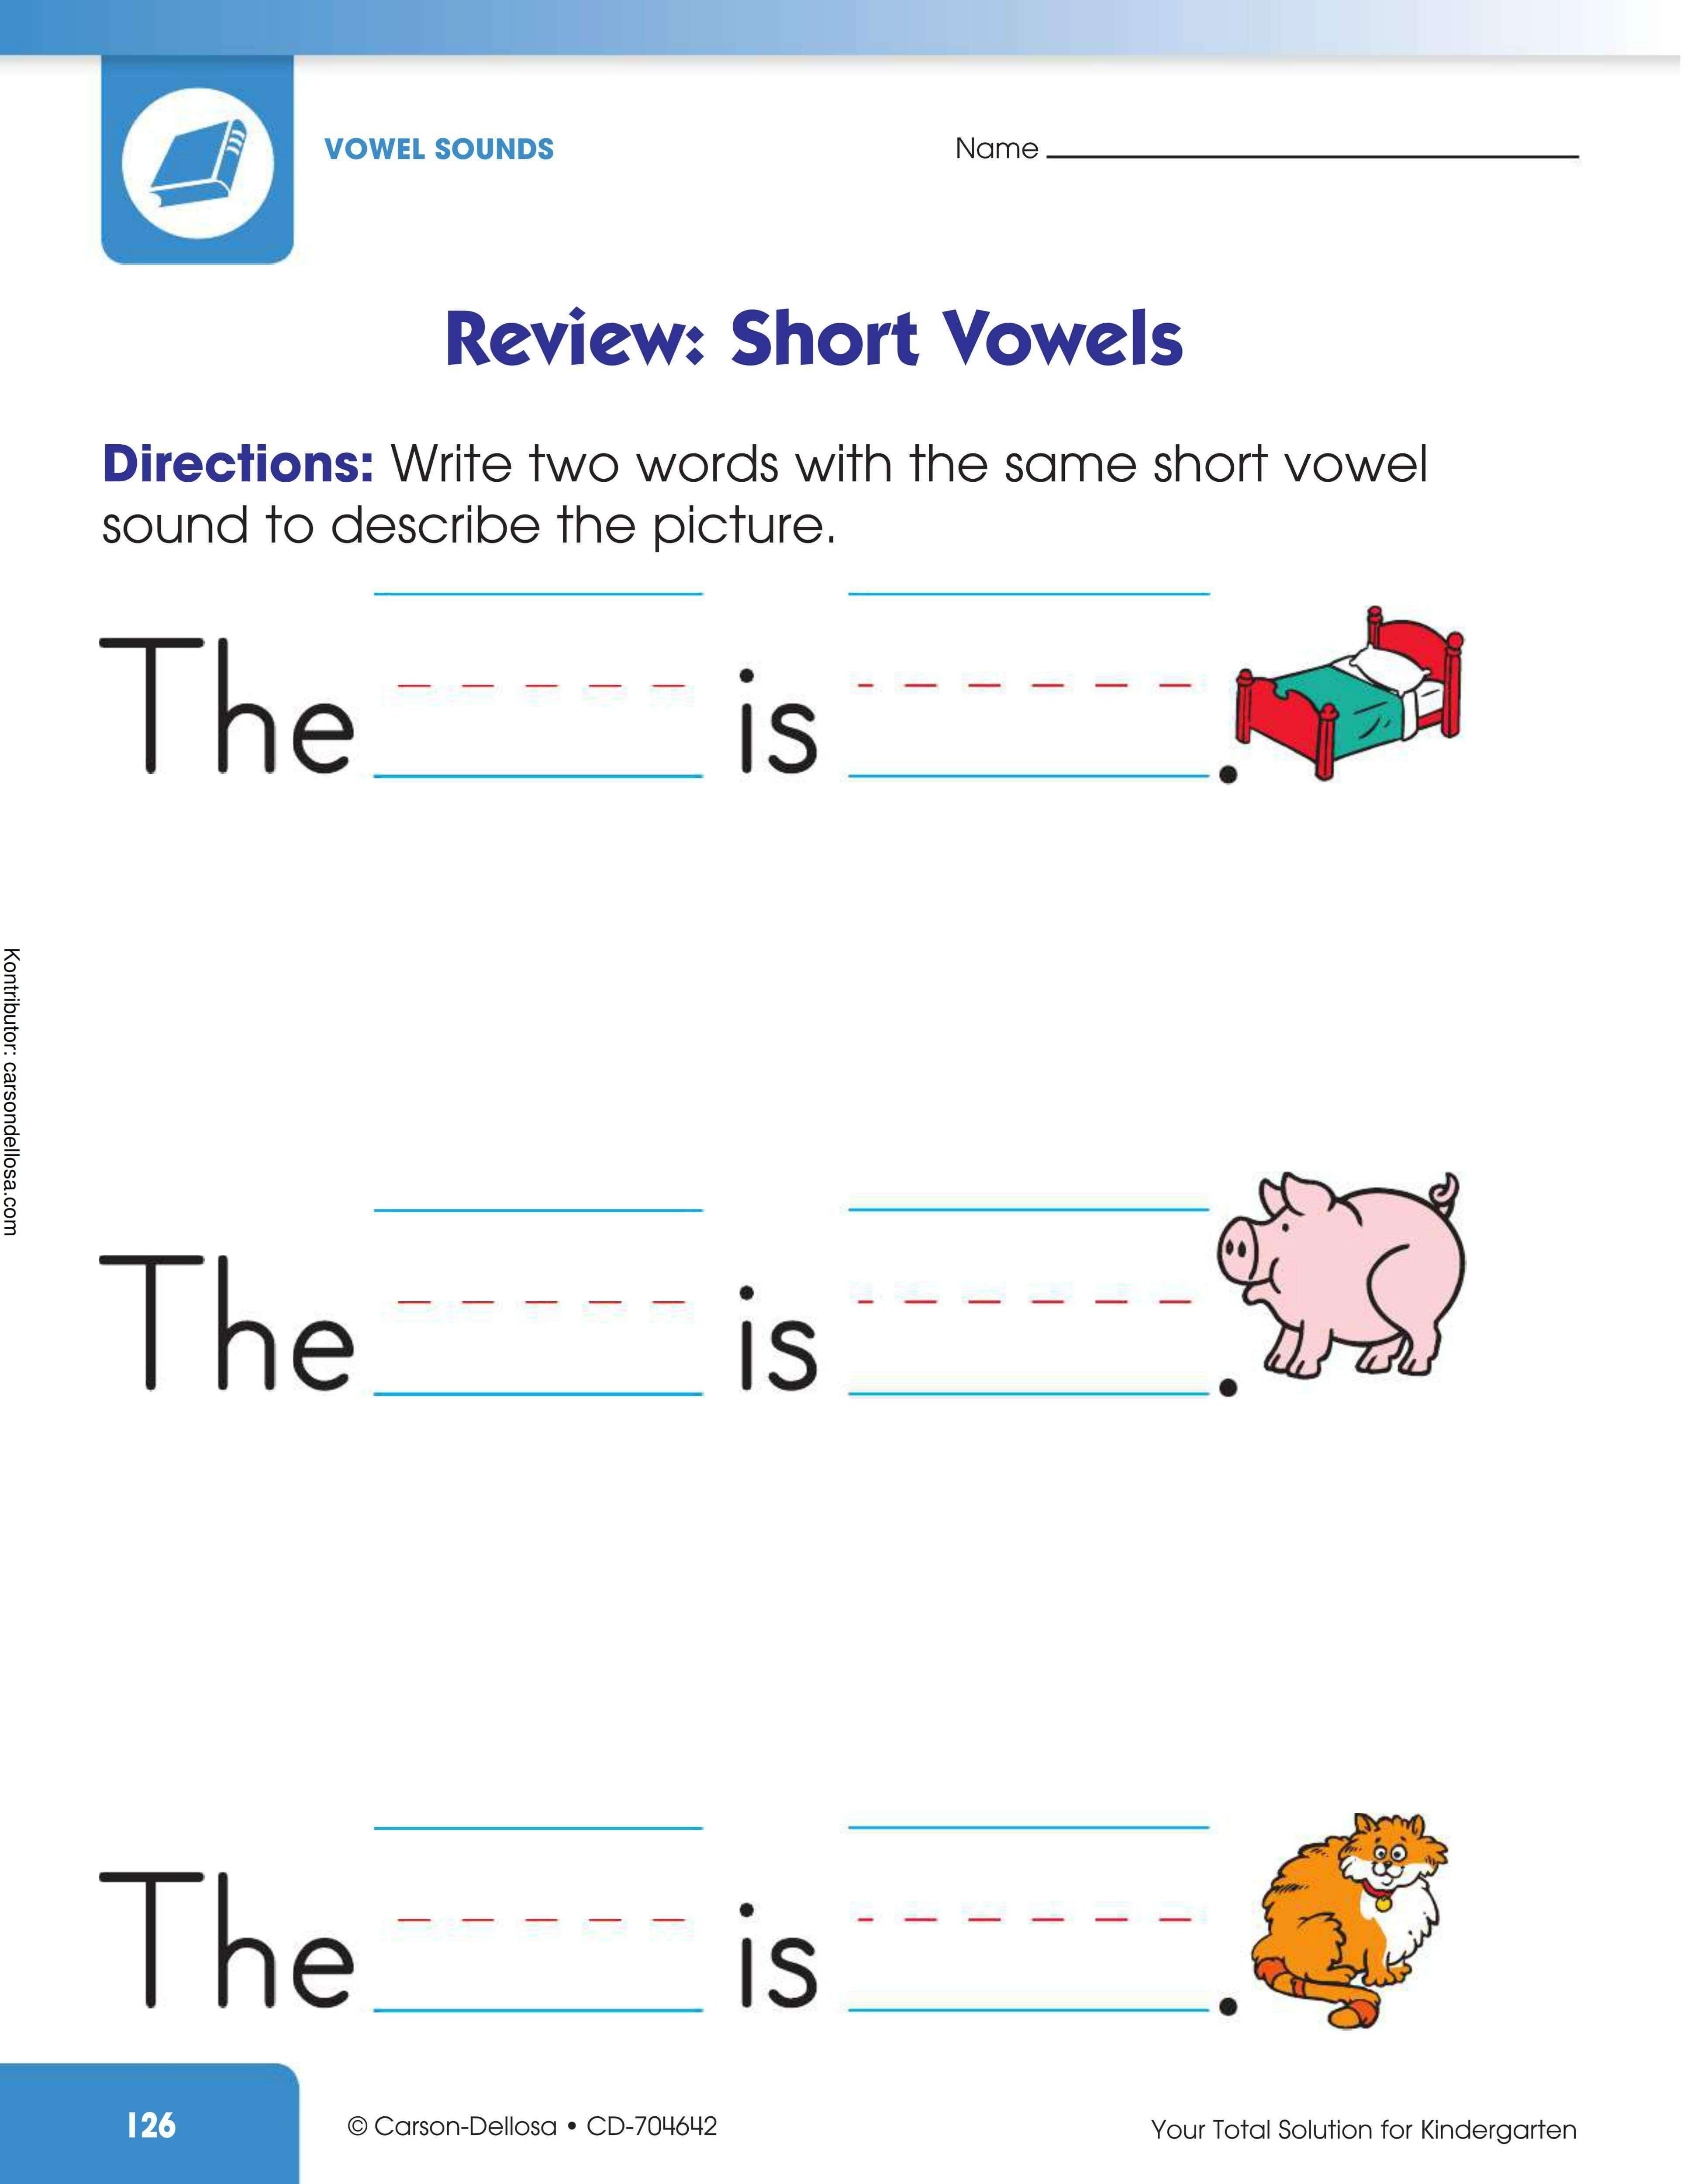 Belajar Menulis Bunyi Huruf Vokal Pendek